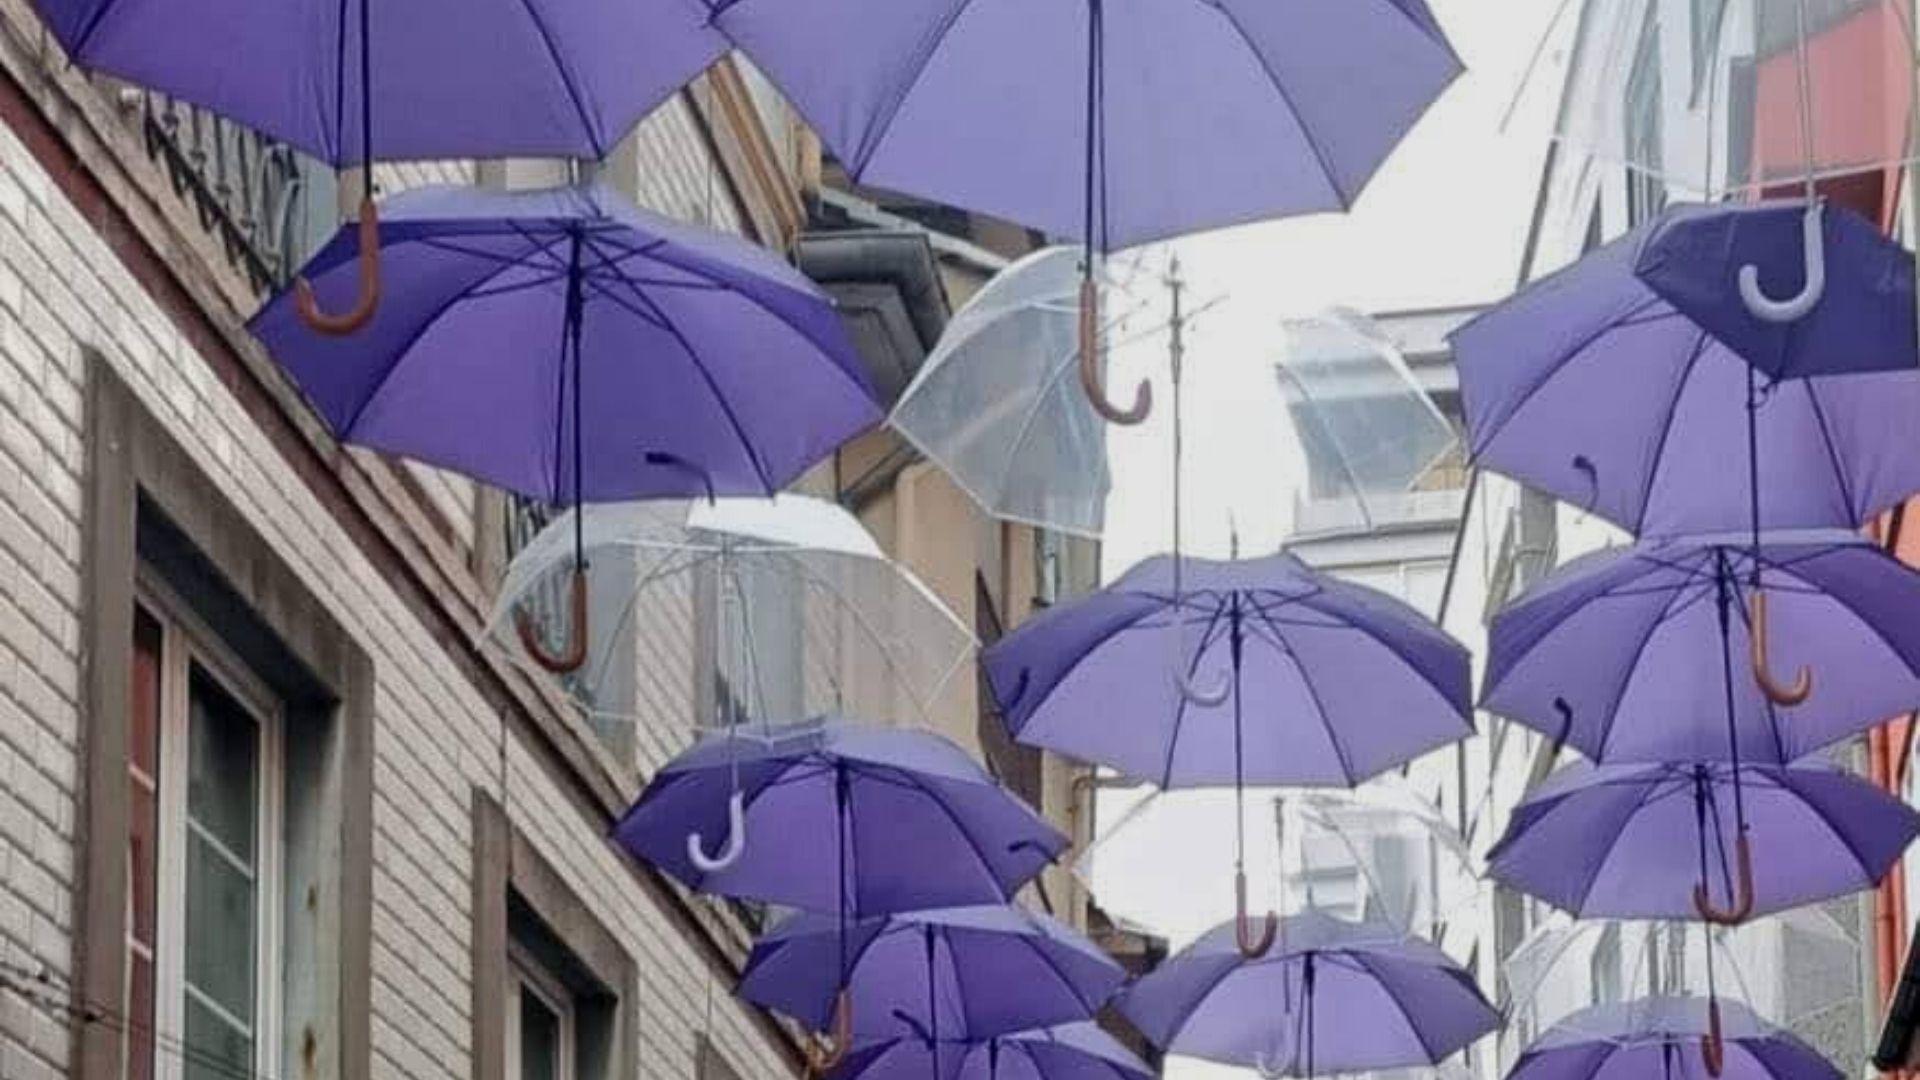 Techo de paraguas morados en la calle Crucero de Luarca, con motivo del 8M, Día Internacional de la Mujer